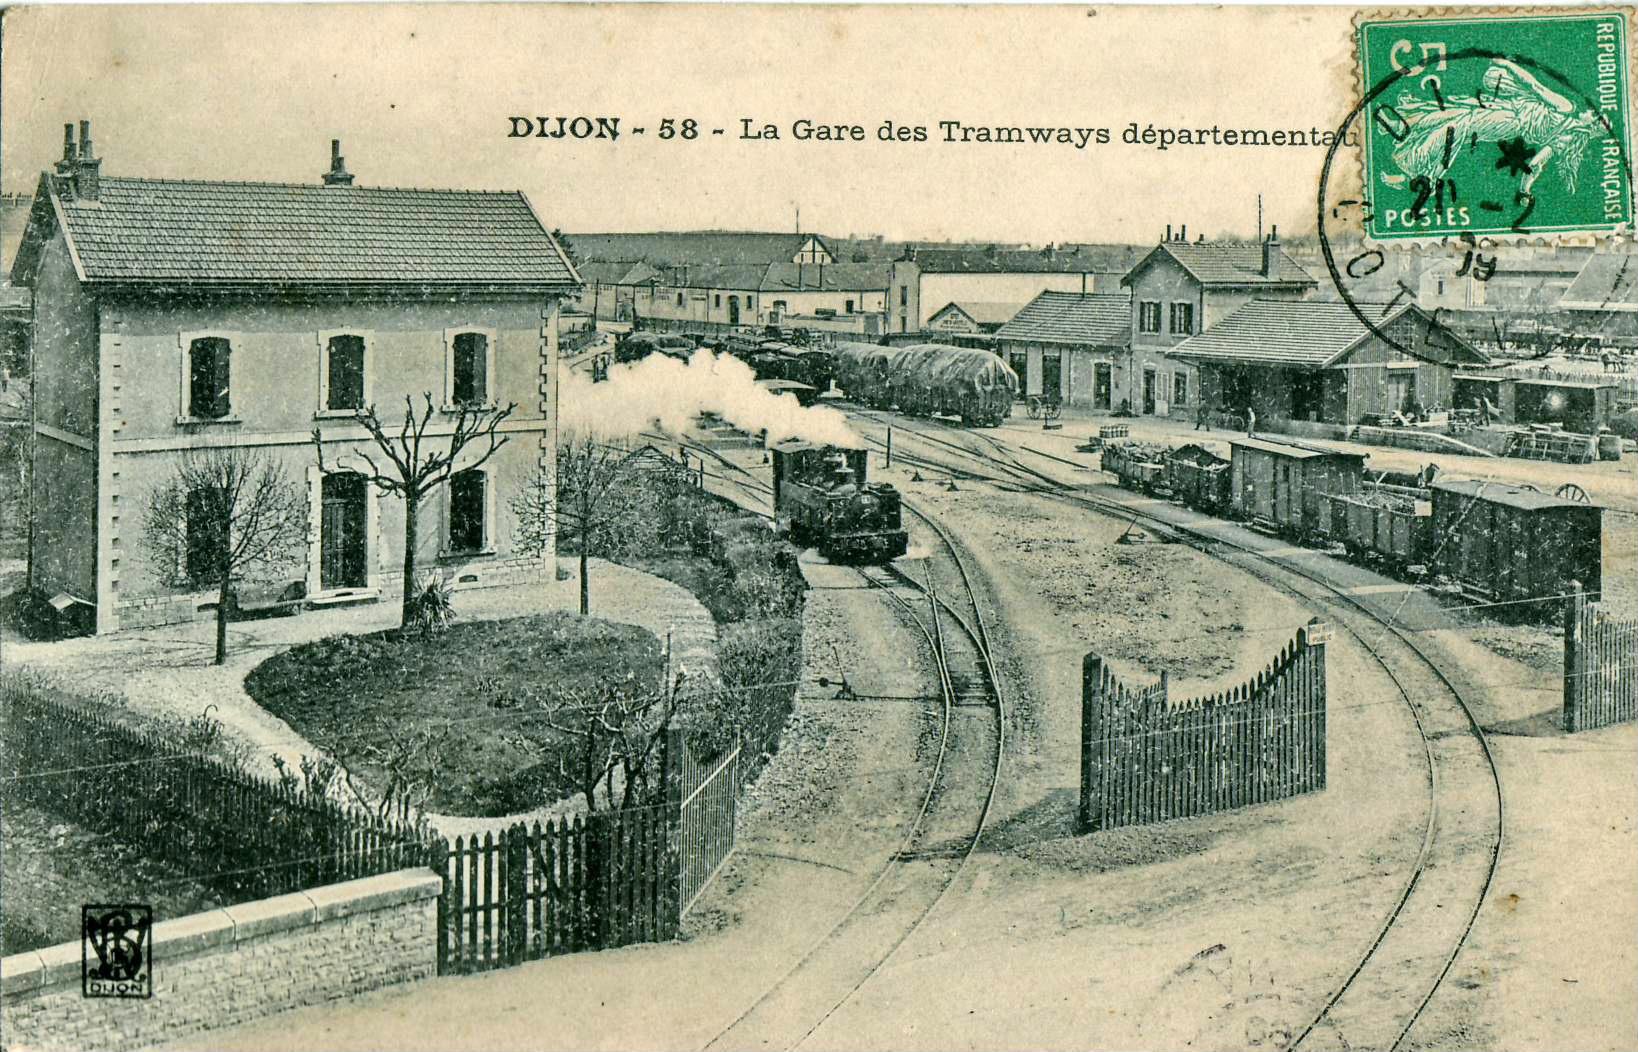 Restaurant Dijon Porte Neuve